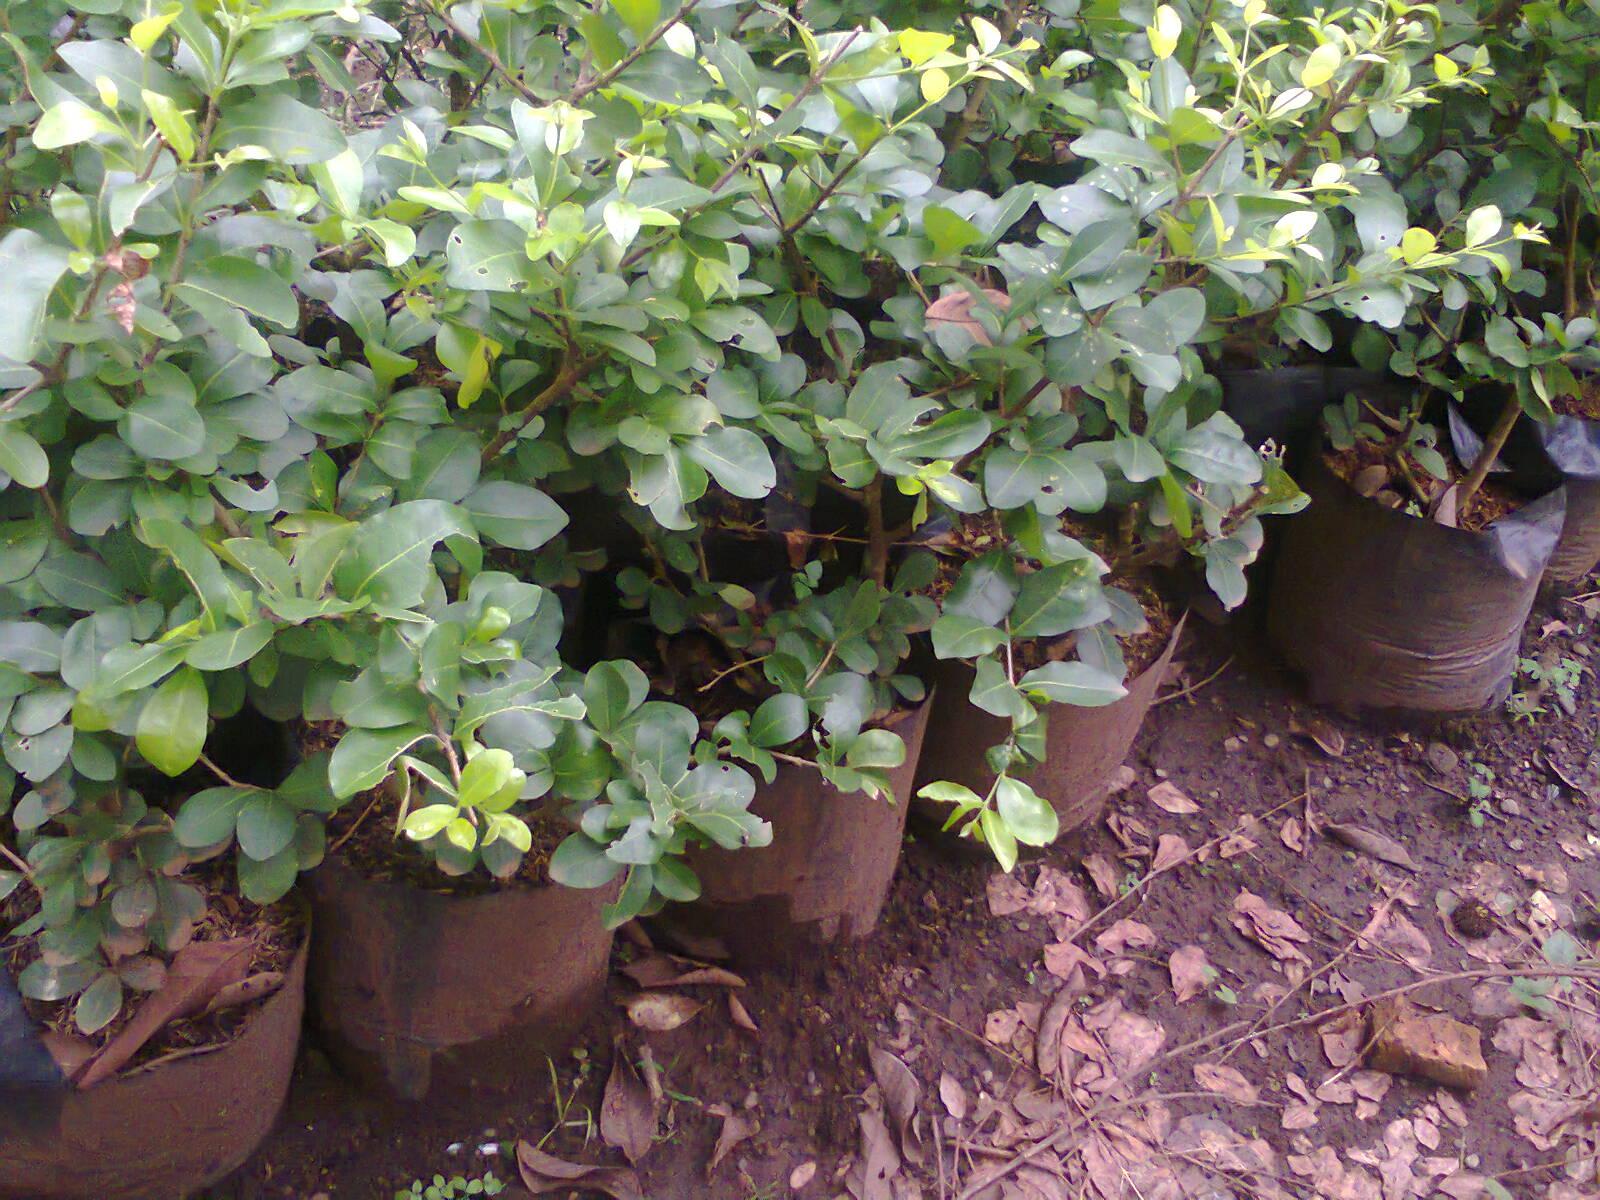 mengenal bibit tanaman buah barbados chery